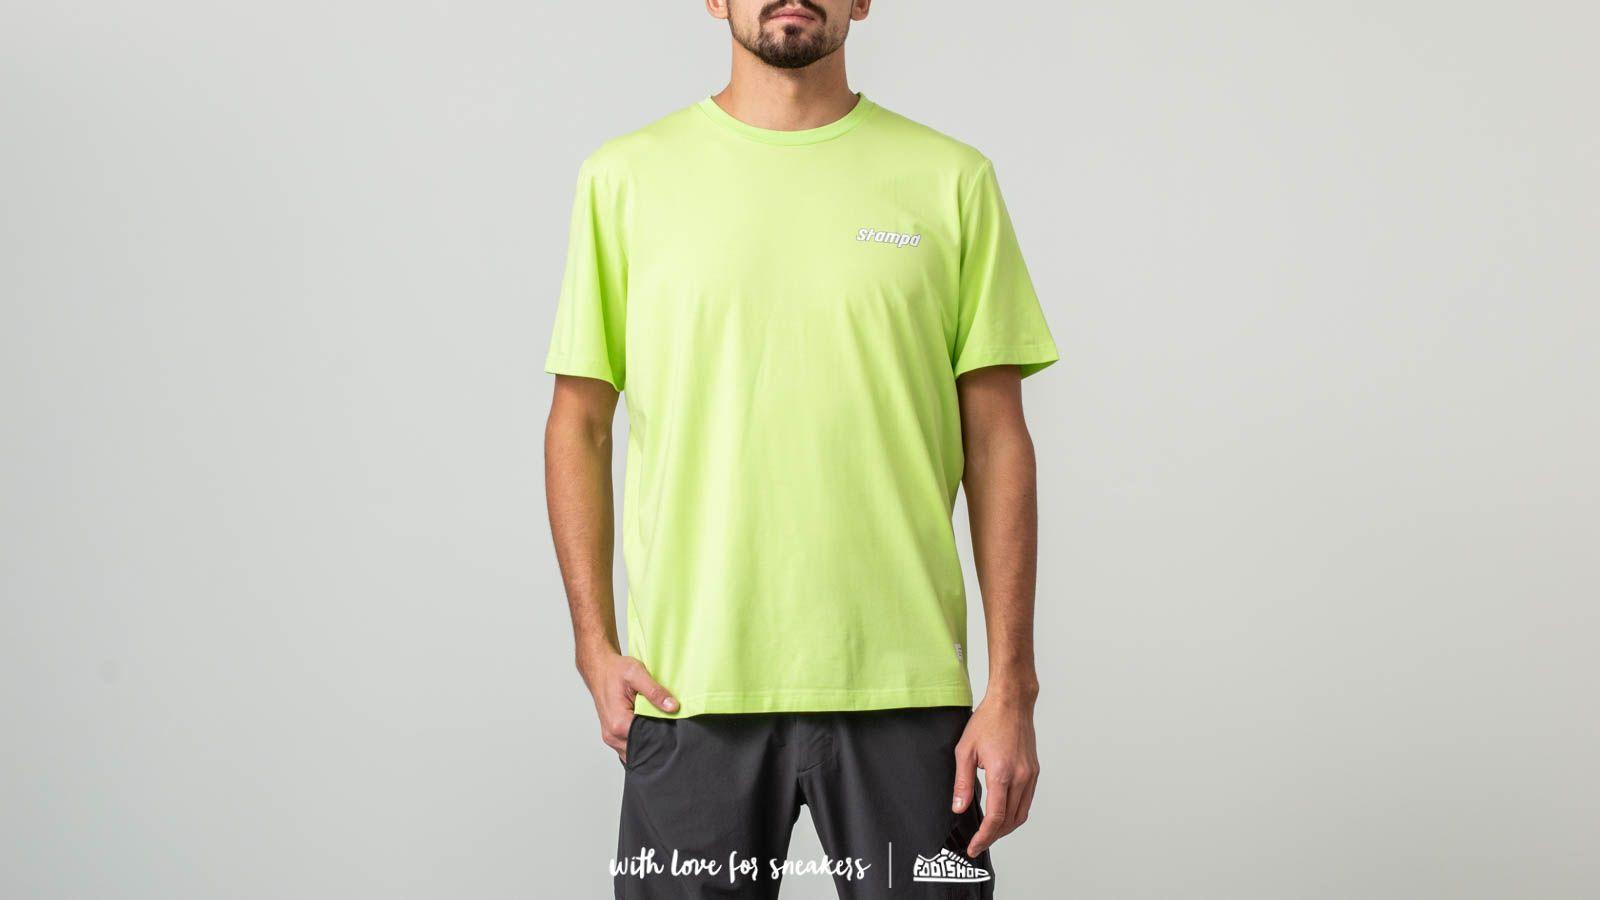 STAMPD KMS Tee Highlighter Yellow za skvelú cenu 47 € kúpite na Footshop.sk